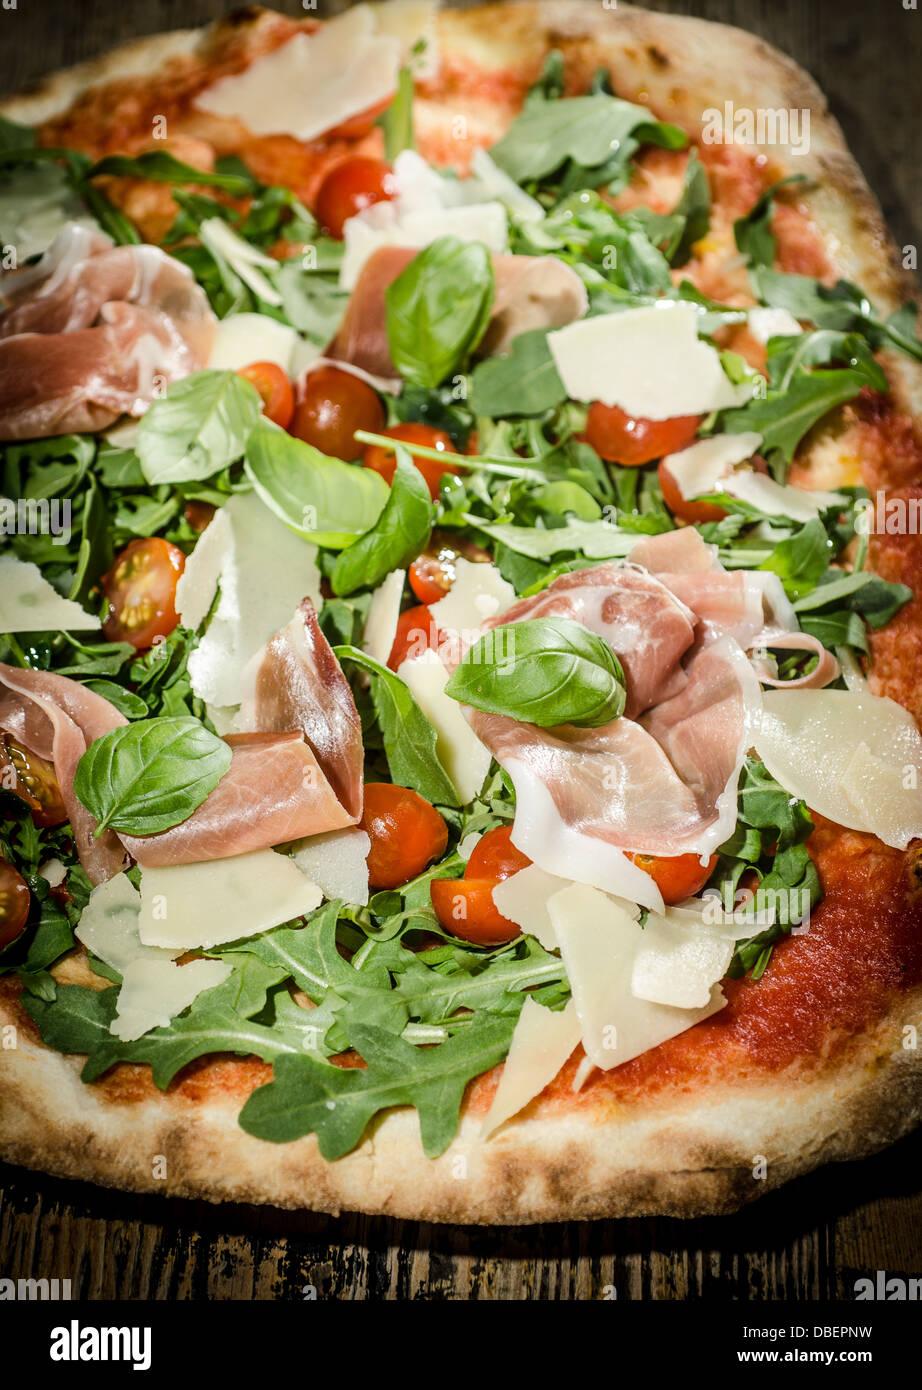 Pizza jamón de Parma y rúcula detalle Imagen De Stock